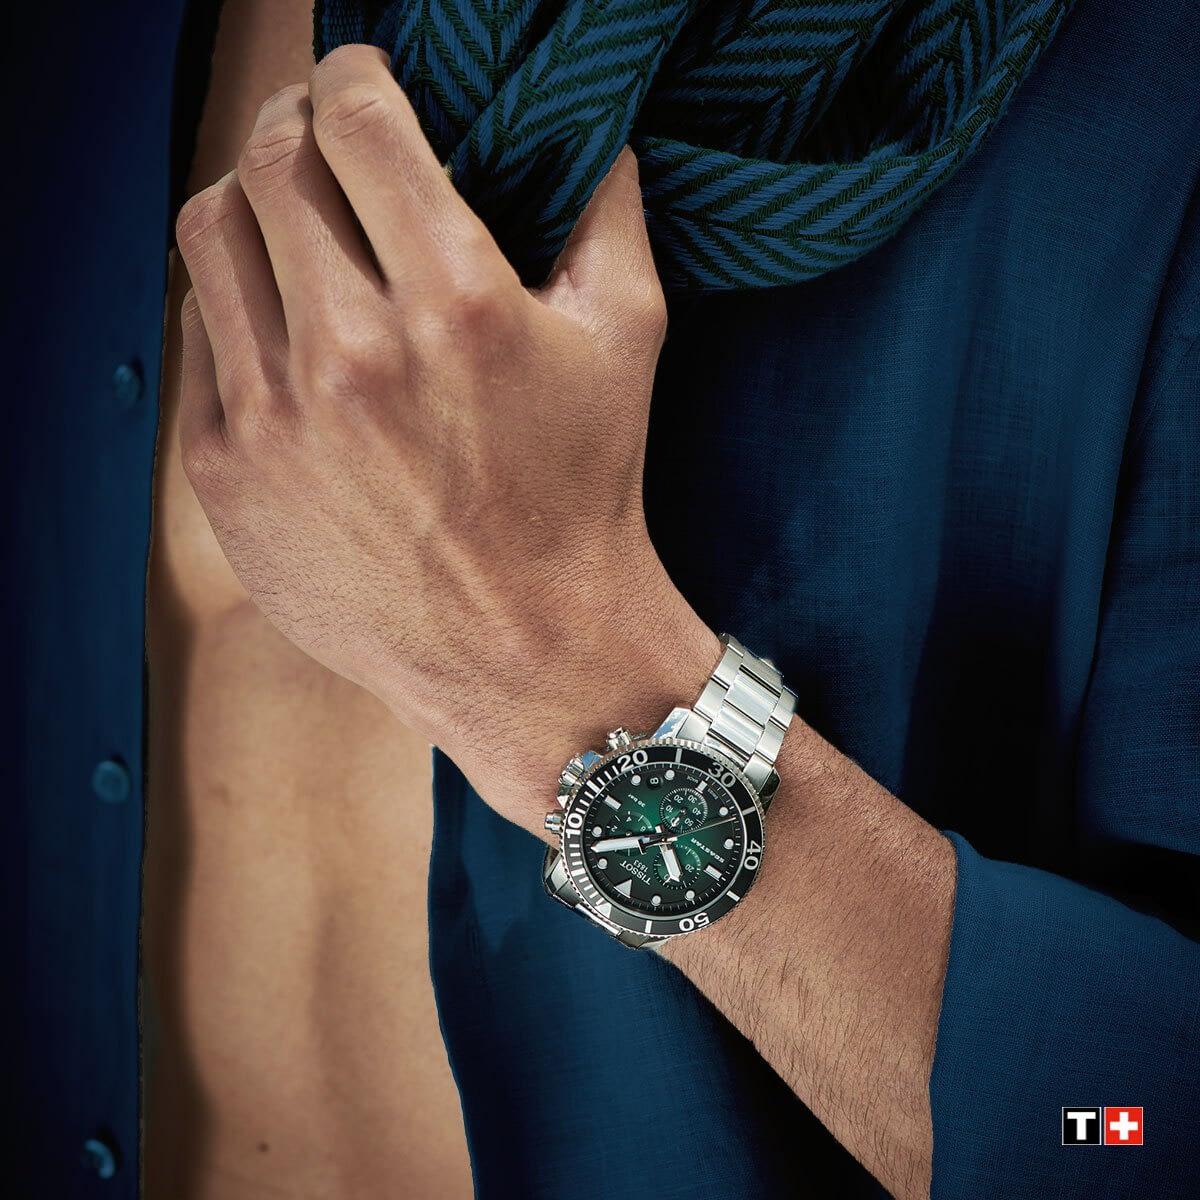 thương hiệu đồng hồ tissot thụy sĩ có đáng tin cậy không